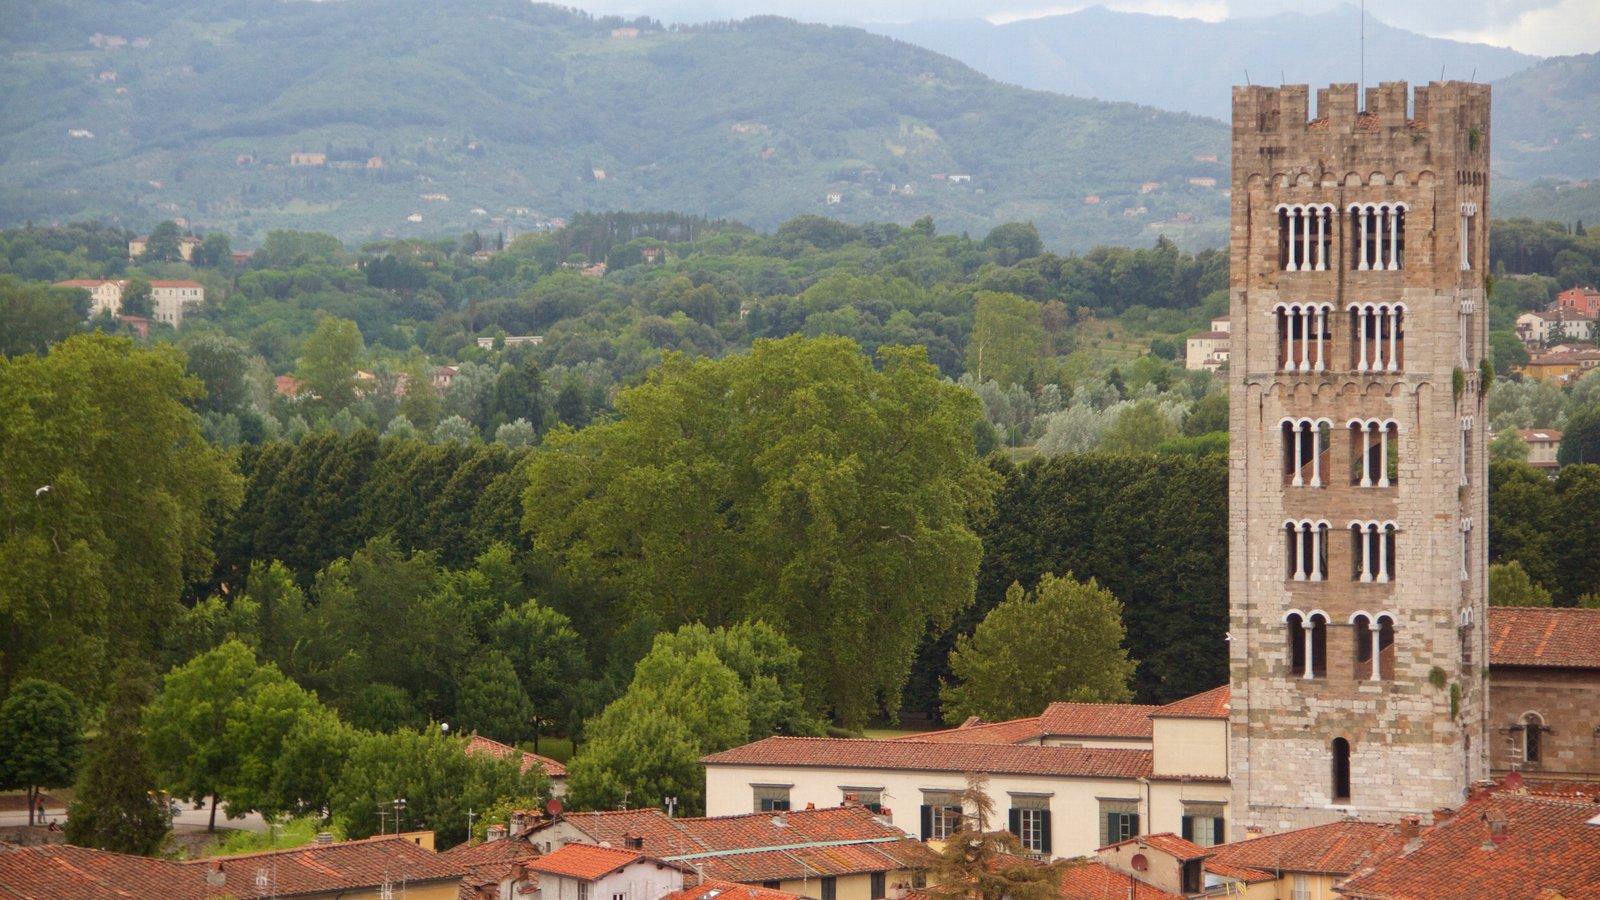 Basilica di San Frediano which includes heritage architecture